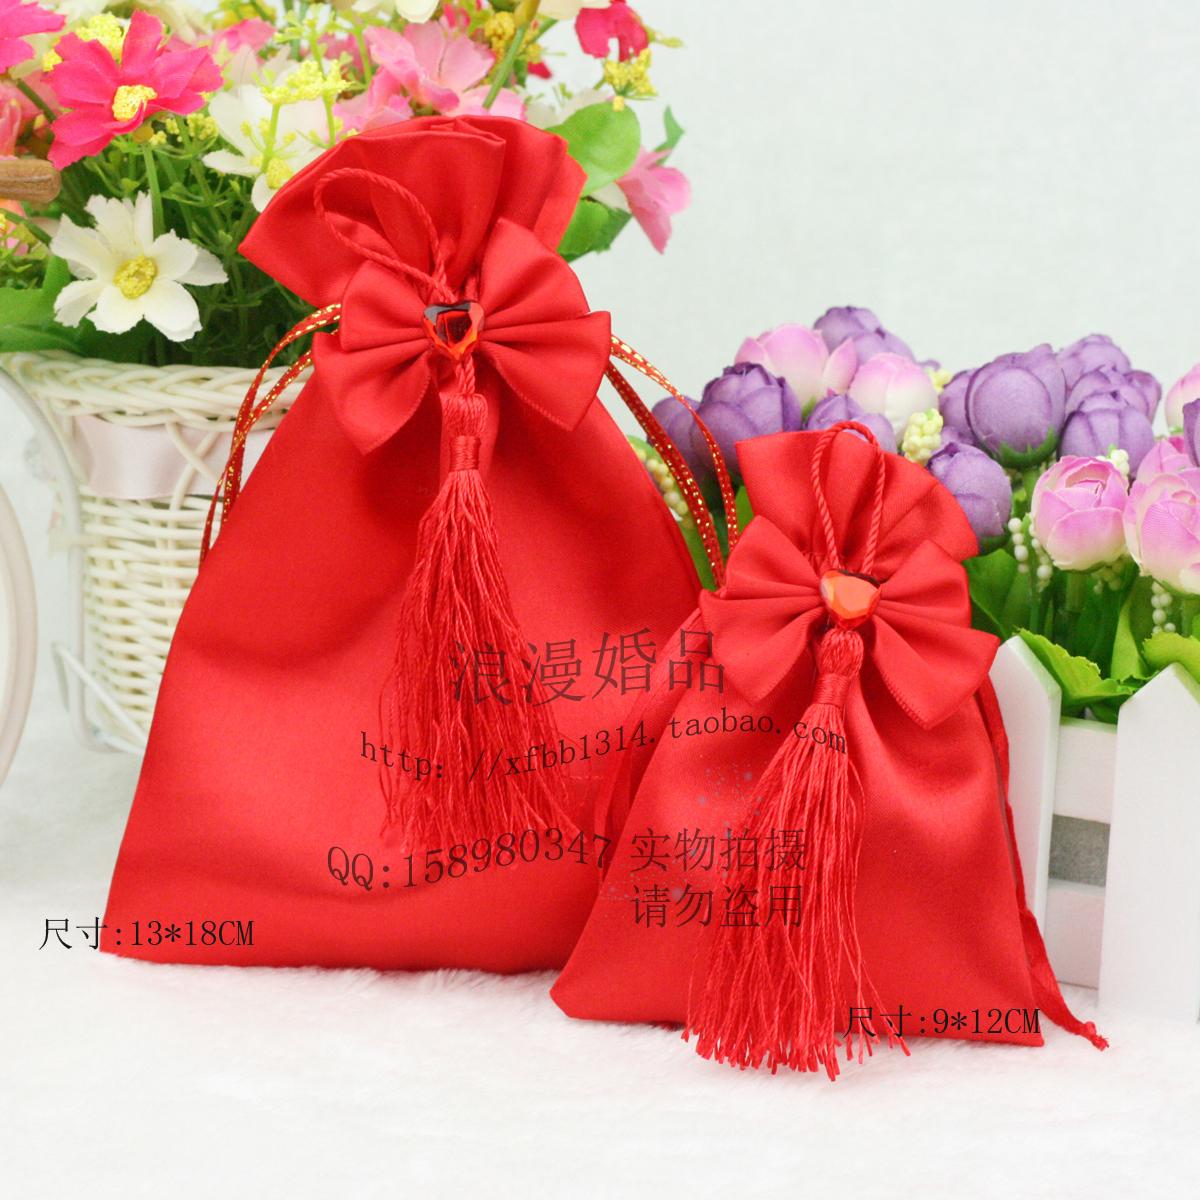 Jin - Feng. Mooi vlinder kam hart boren bruiloft. Jin - snoepje van Europese creatieve doos snoep voor Europese trouwen.